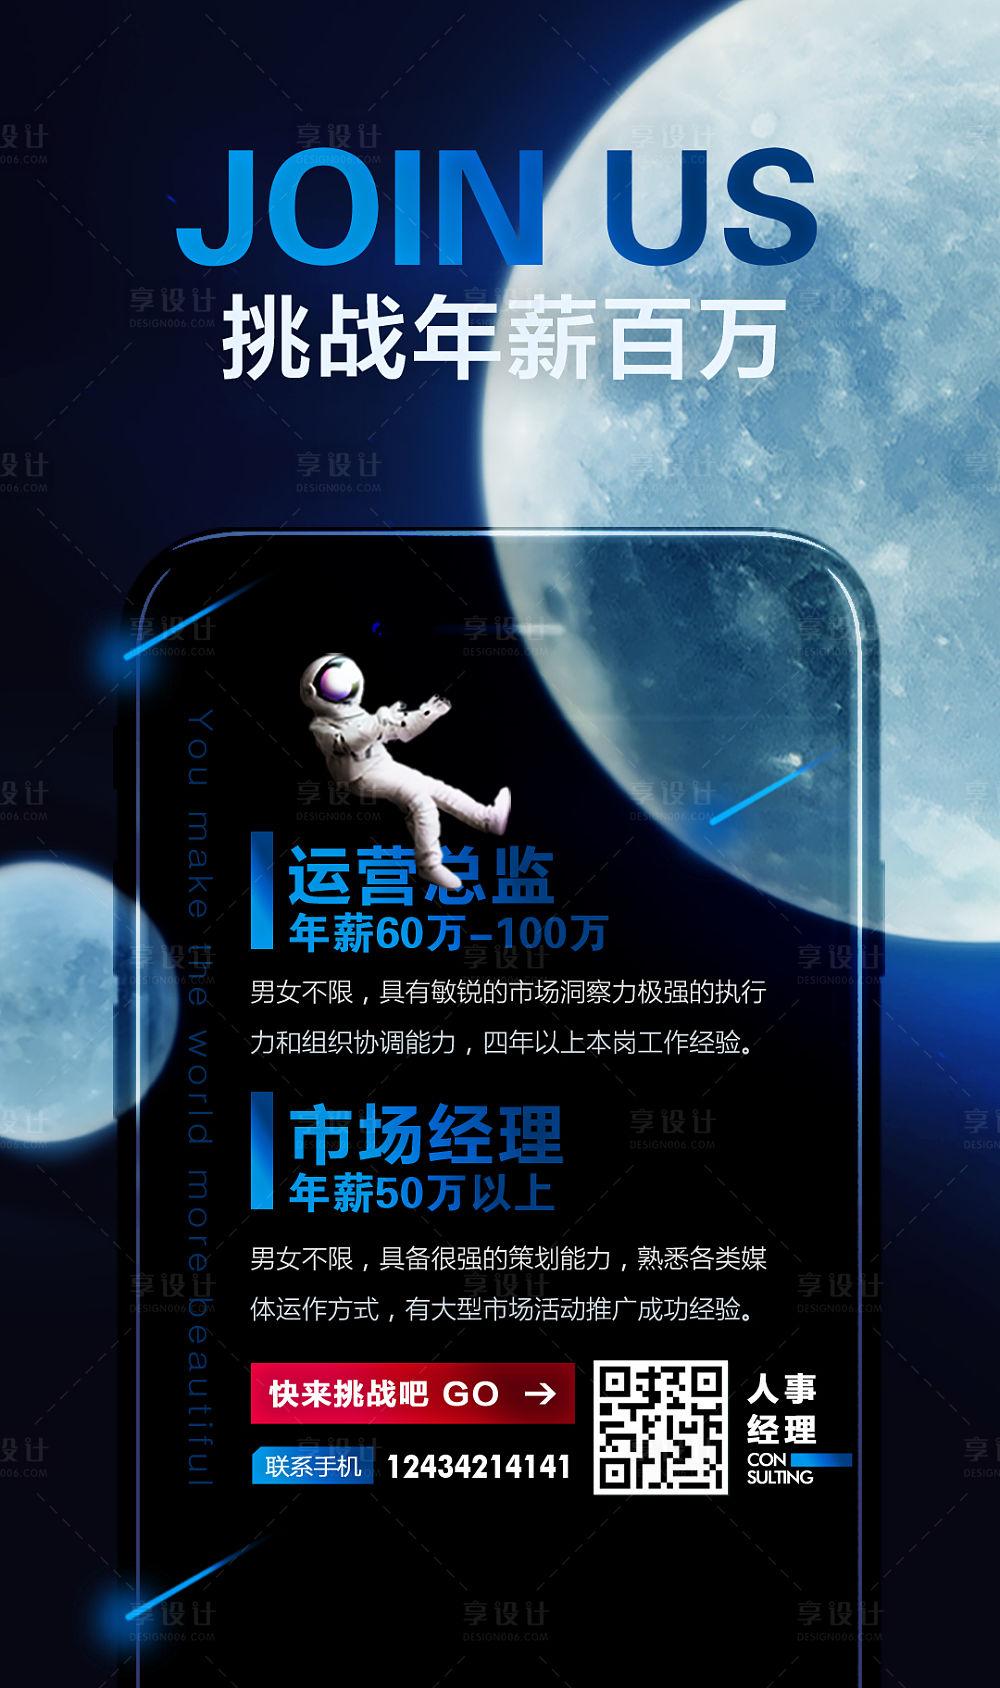 【源文件下载】 海报 招聘 星球 月球 月亮 科技感 手机 宇航员